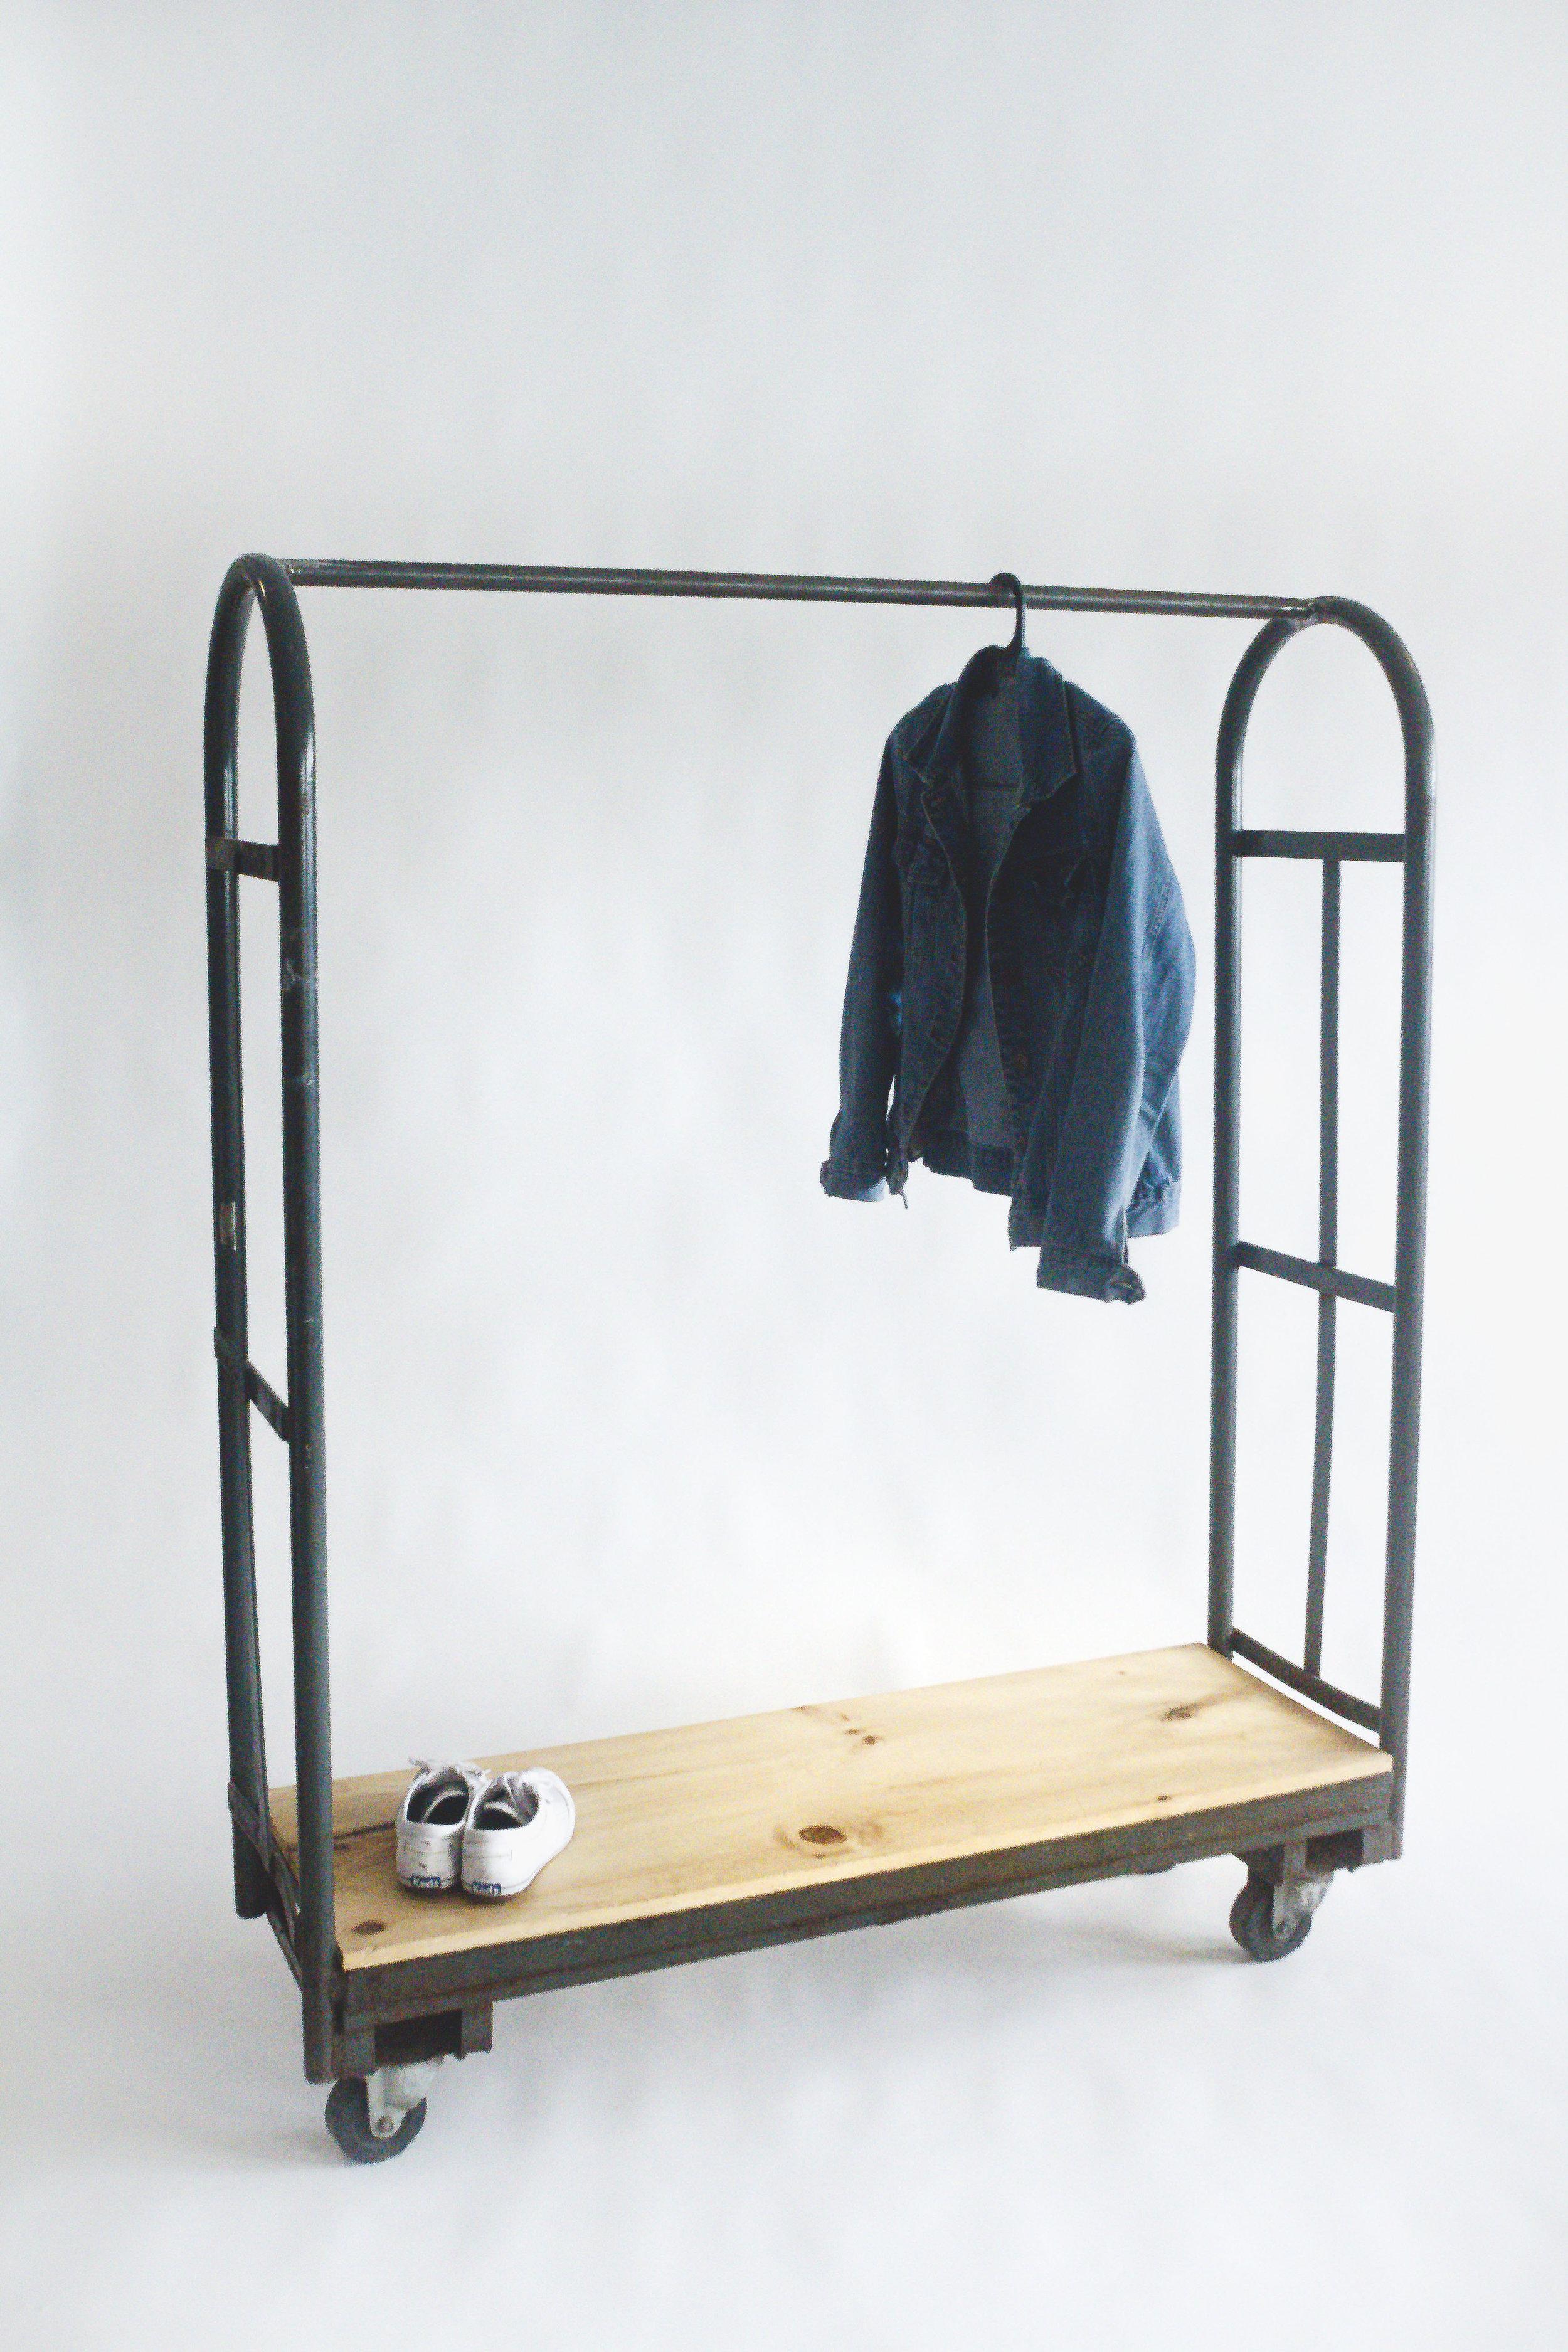 Upcycled Clothing Rack